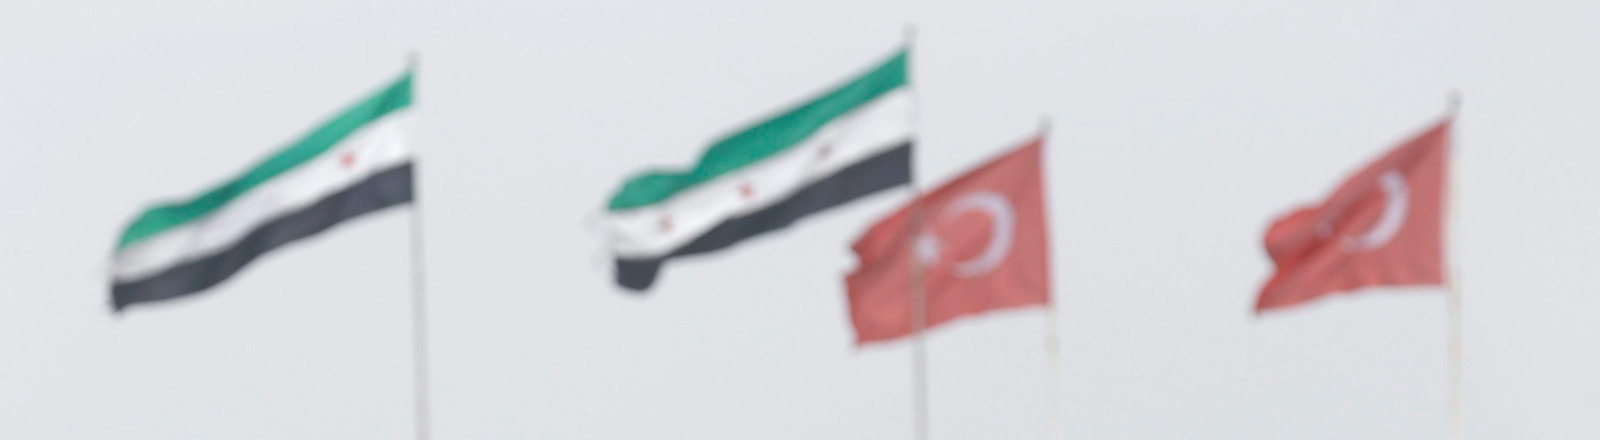 Die syrische und die türkische Fahne auf dem Dach der türkisch-syrischen Grenze.